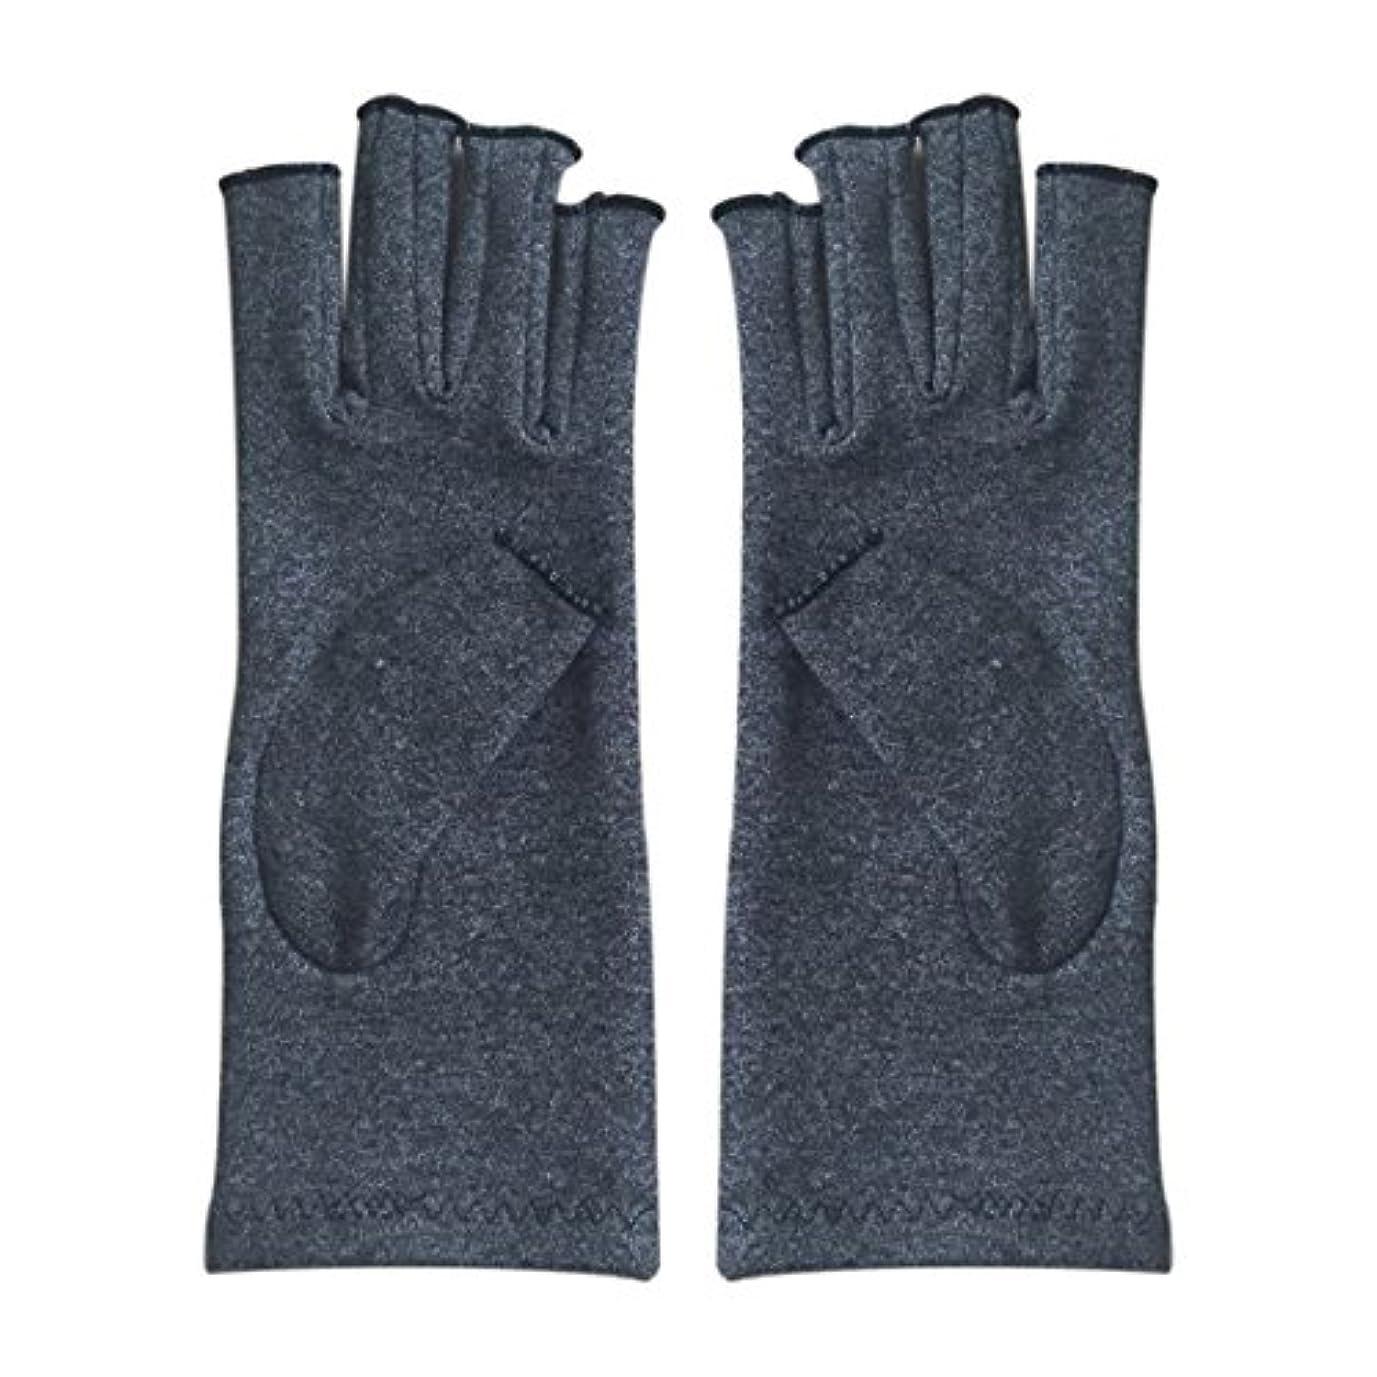 ファイナンスカストディアンケージACAMPTAR 1ペア成人男性女性用弾性コットンコンプレッション手袋手関節炎関節痛鎮痛軽減M - 灰色、M